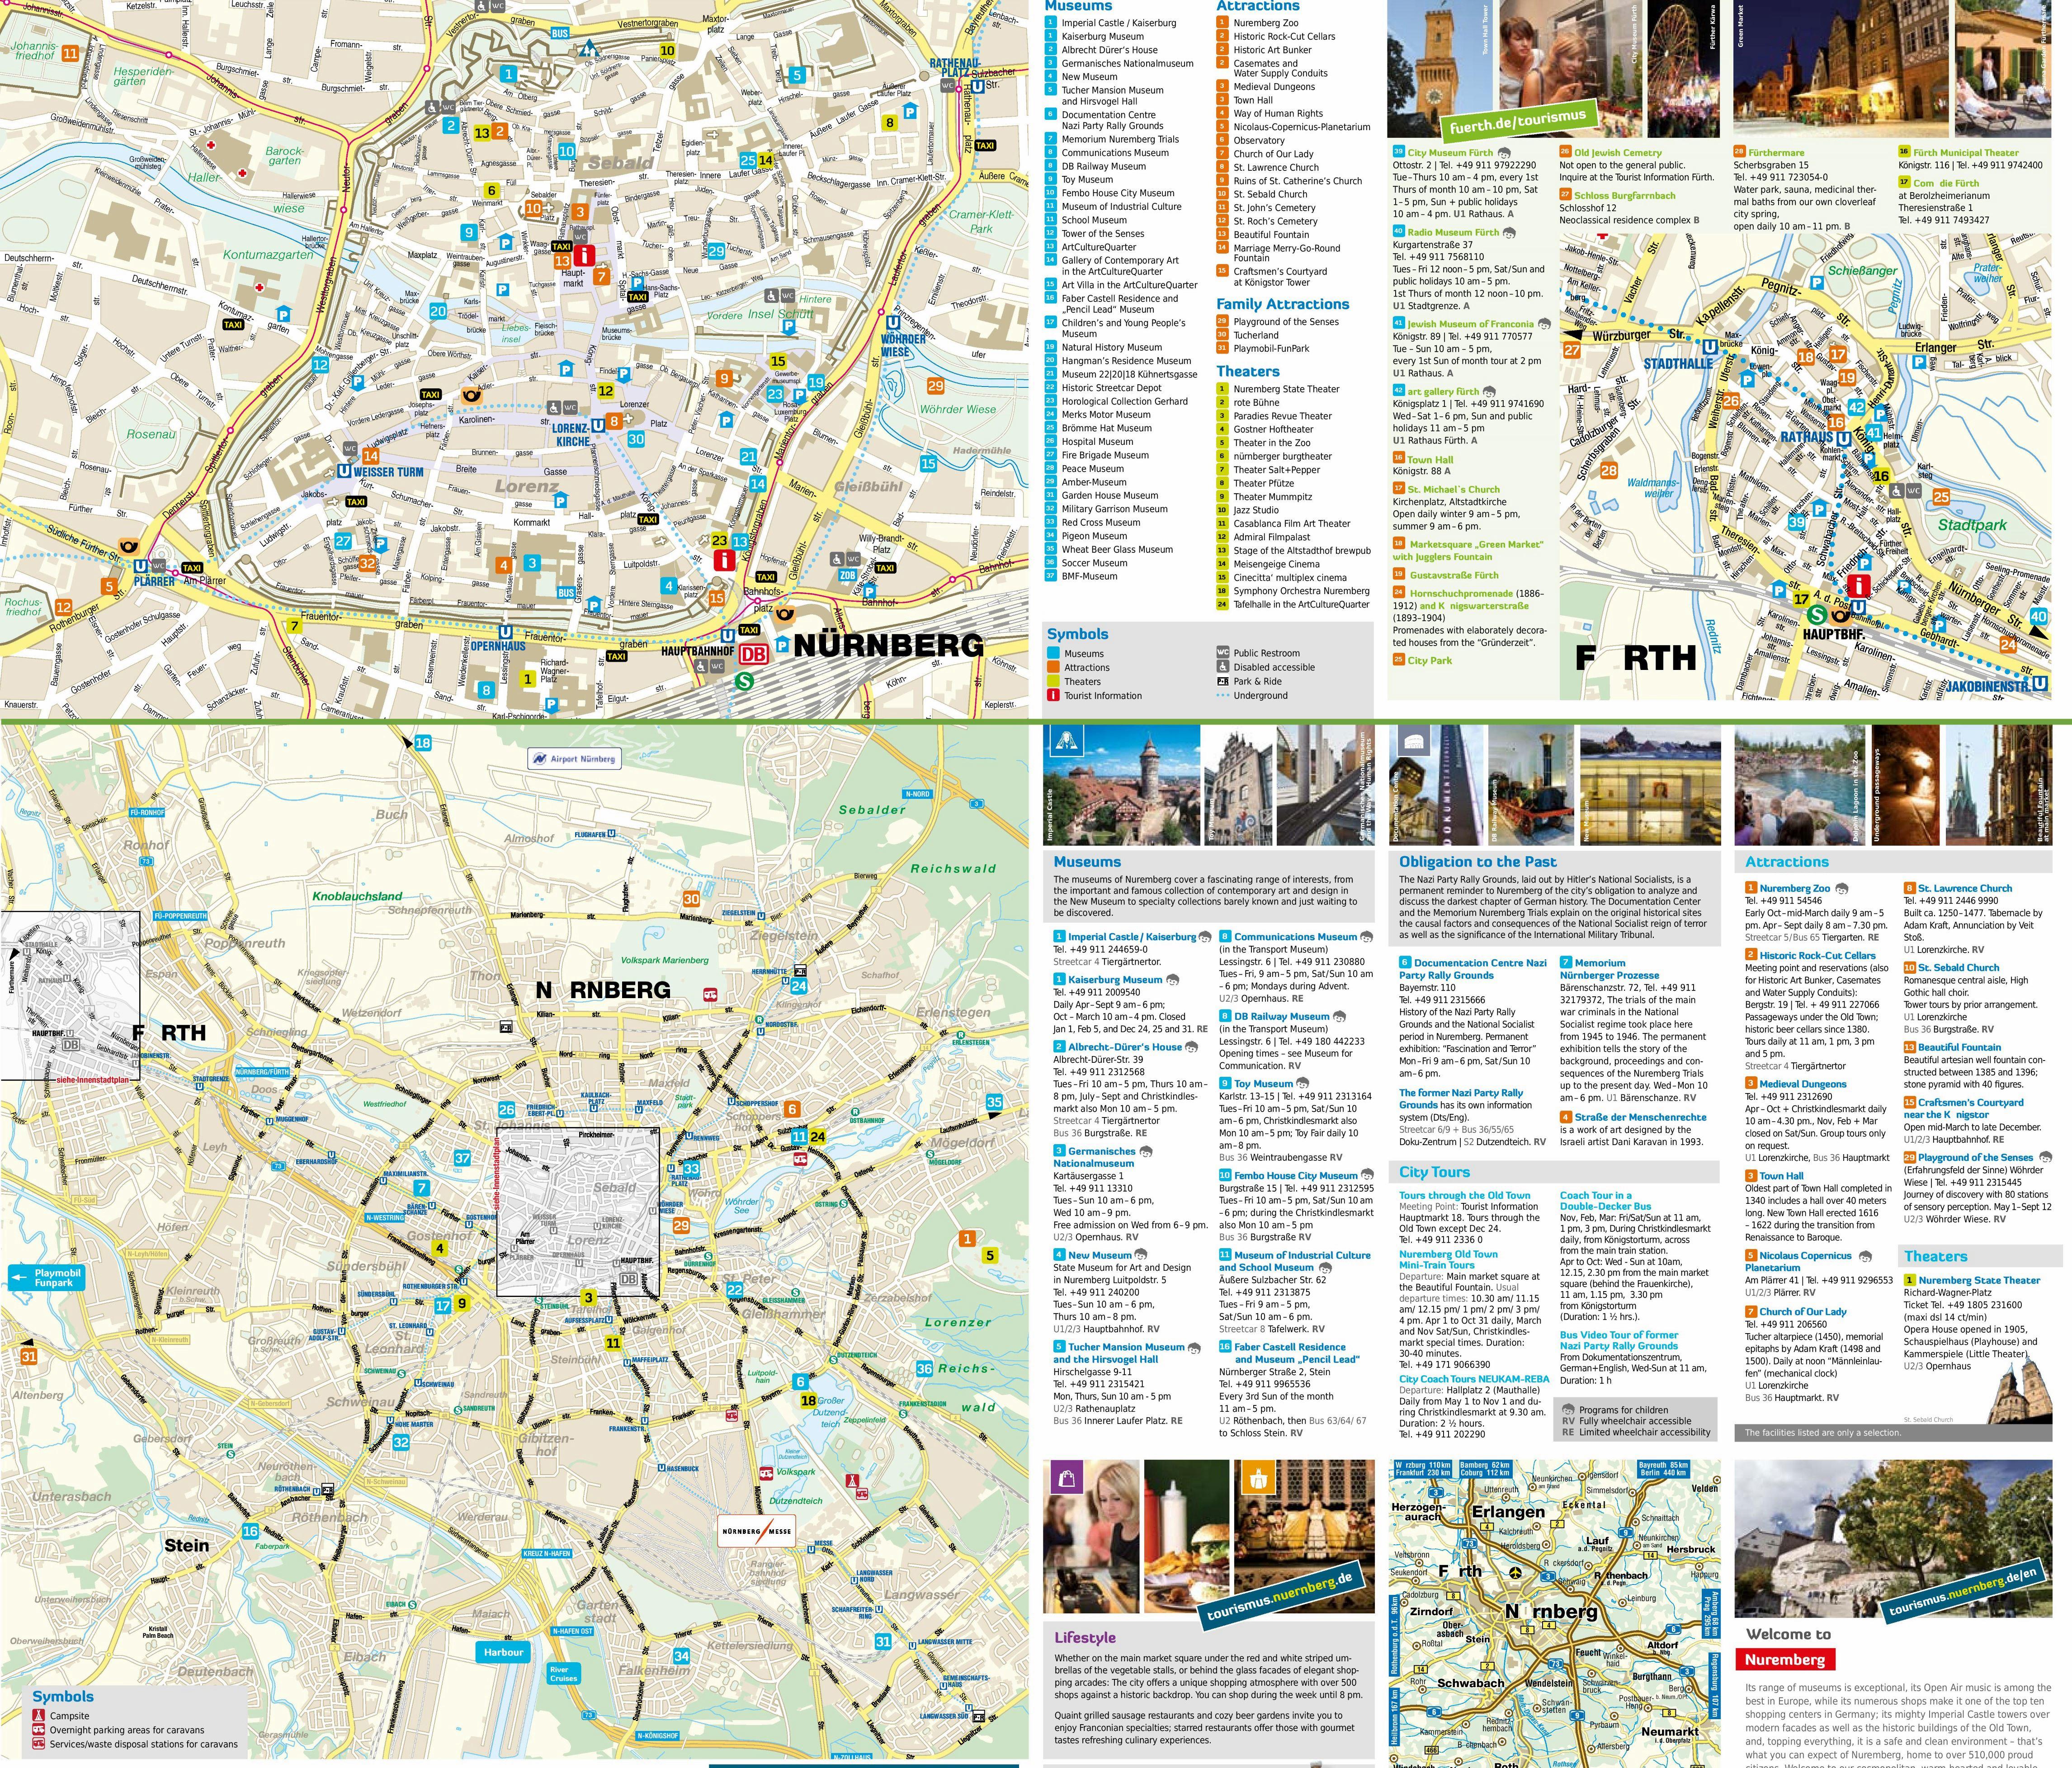 Detaillierter, beidseitig bedruckter Stadtplan mit Adressen und Angaben zu Sehenswürdigkeiten. Die zweite Karte zeigt den Ort Fürth, definitiv einen Ausflug wert.